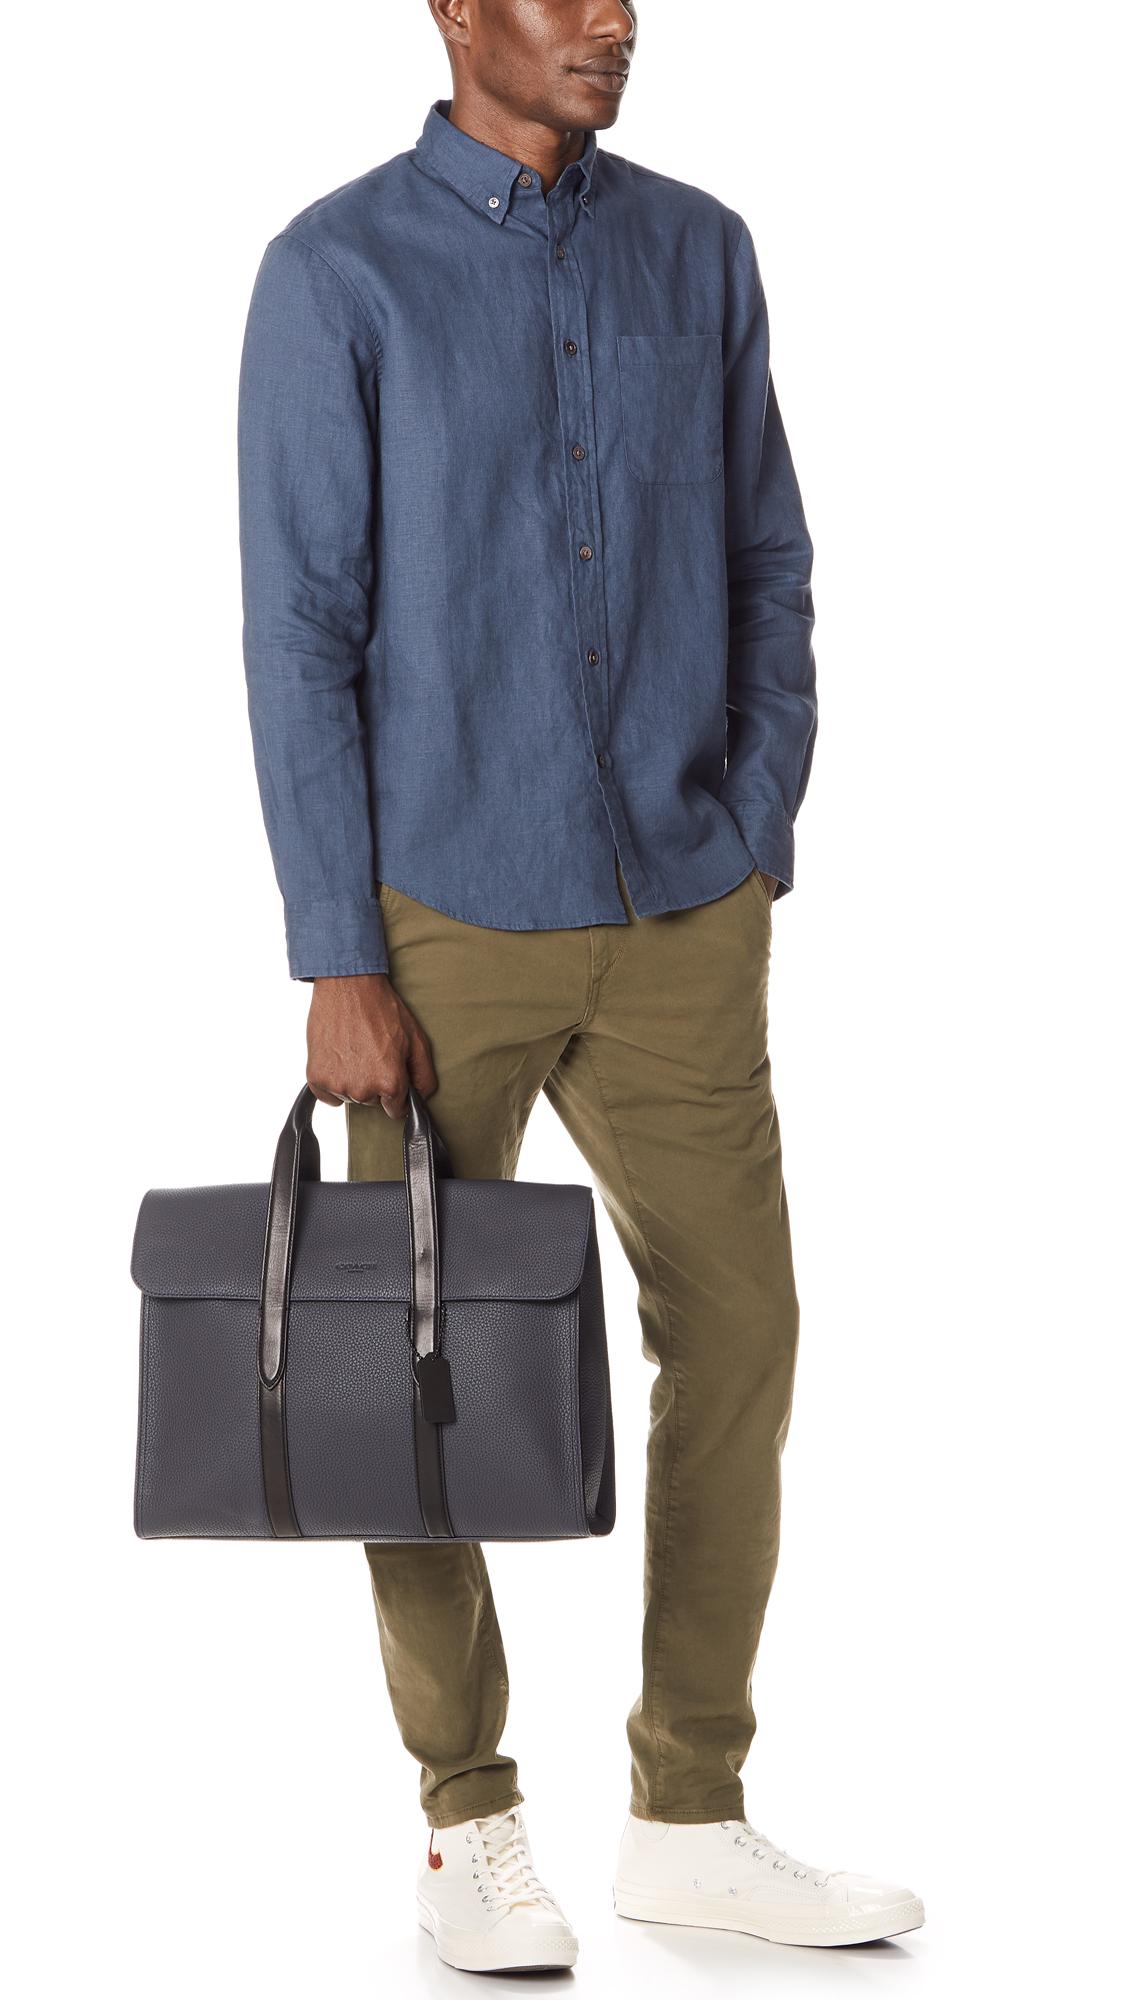 53affa21a Coach New York Harness Metropolitan Portfolio Briefcase   EAST DANE